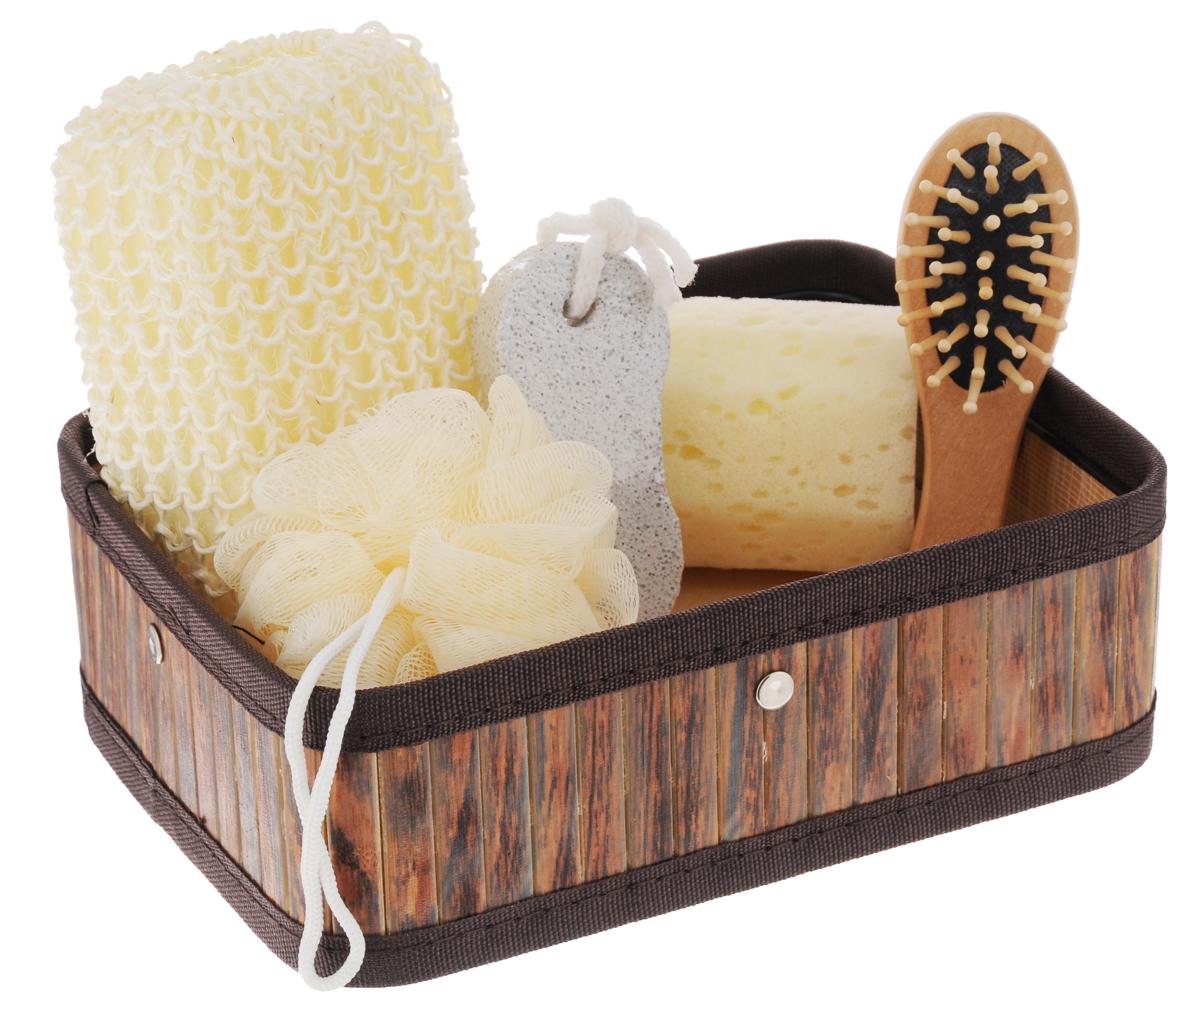 Набор для ванной и бани Феникс-Презент Чистюля, 6 предметов лампа настольная феникс презент белка цвет белый 17 х 12 х 19 см